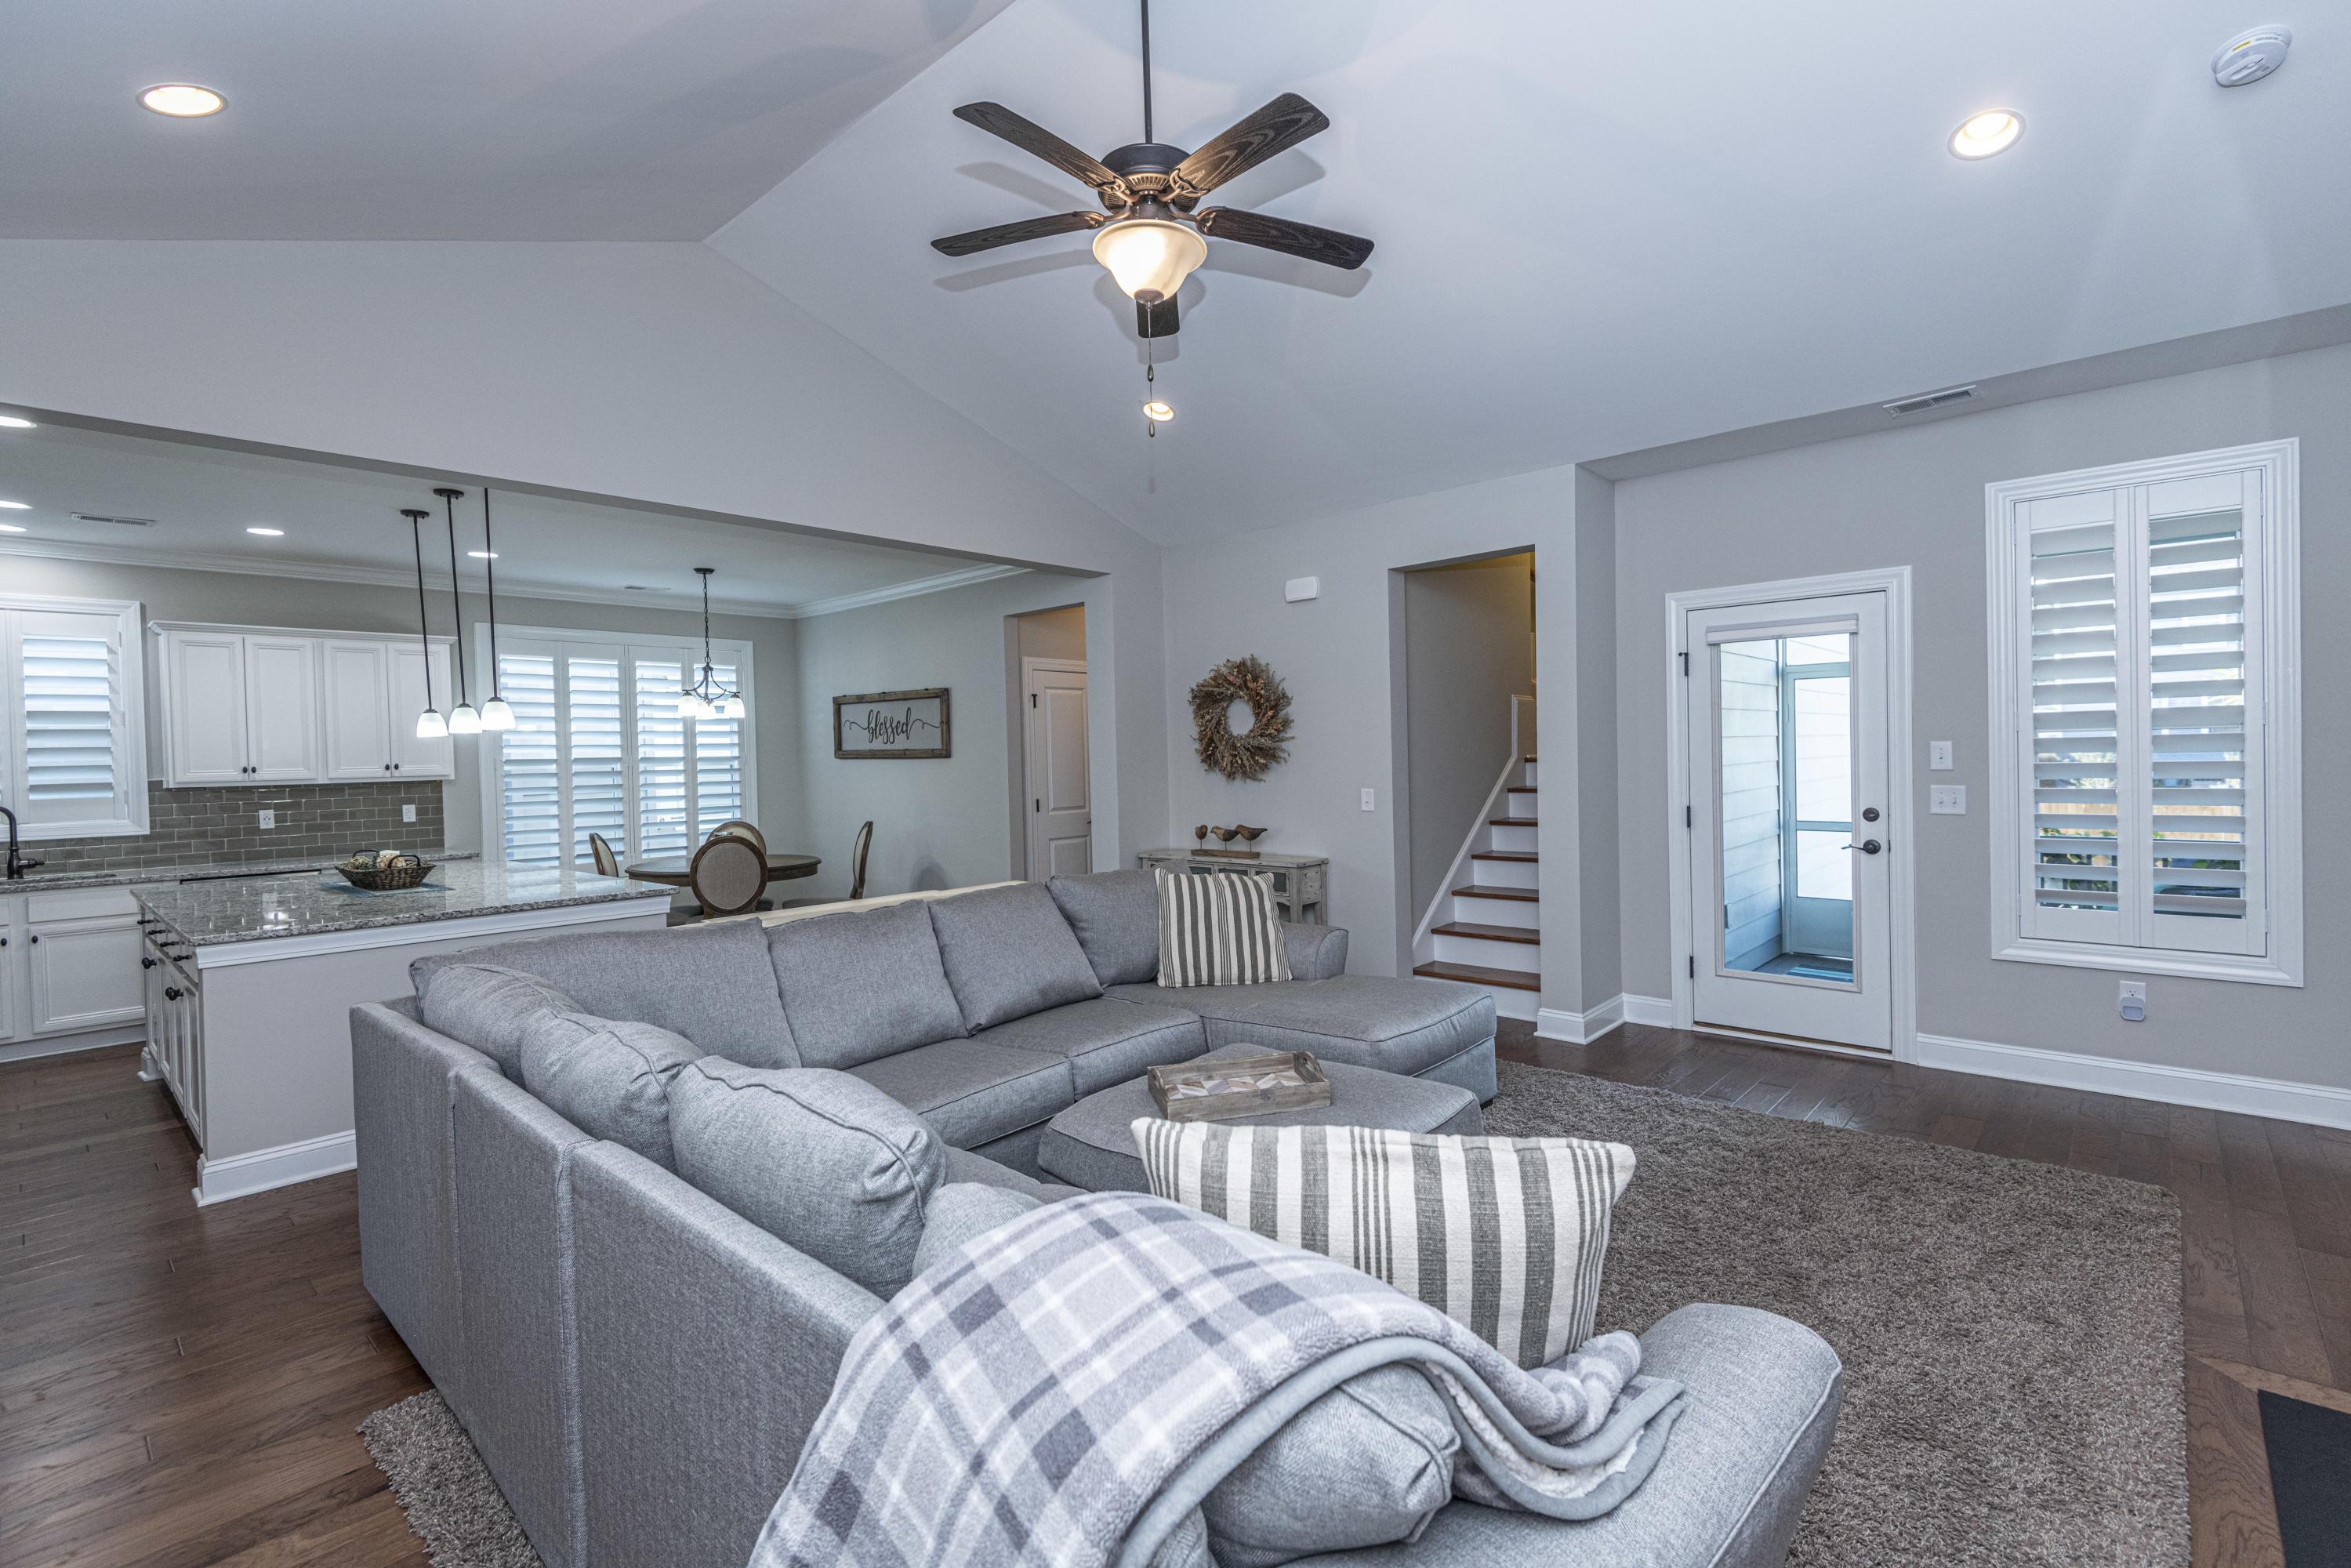 Park West Homes For Sale - 2667 Park West, Mount Pleasant, SC - 18